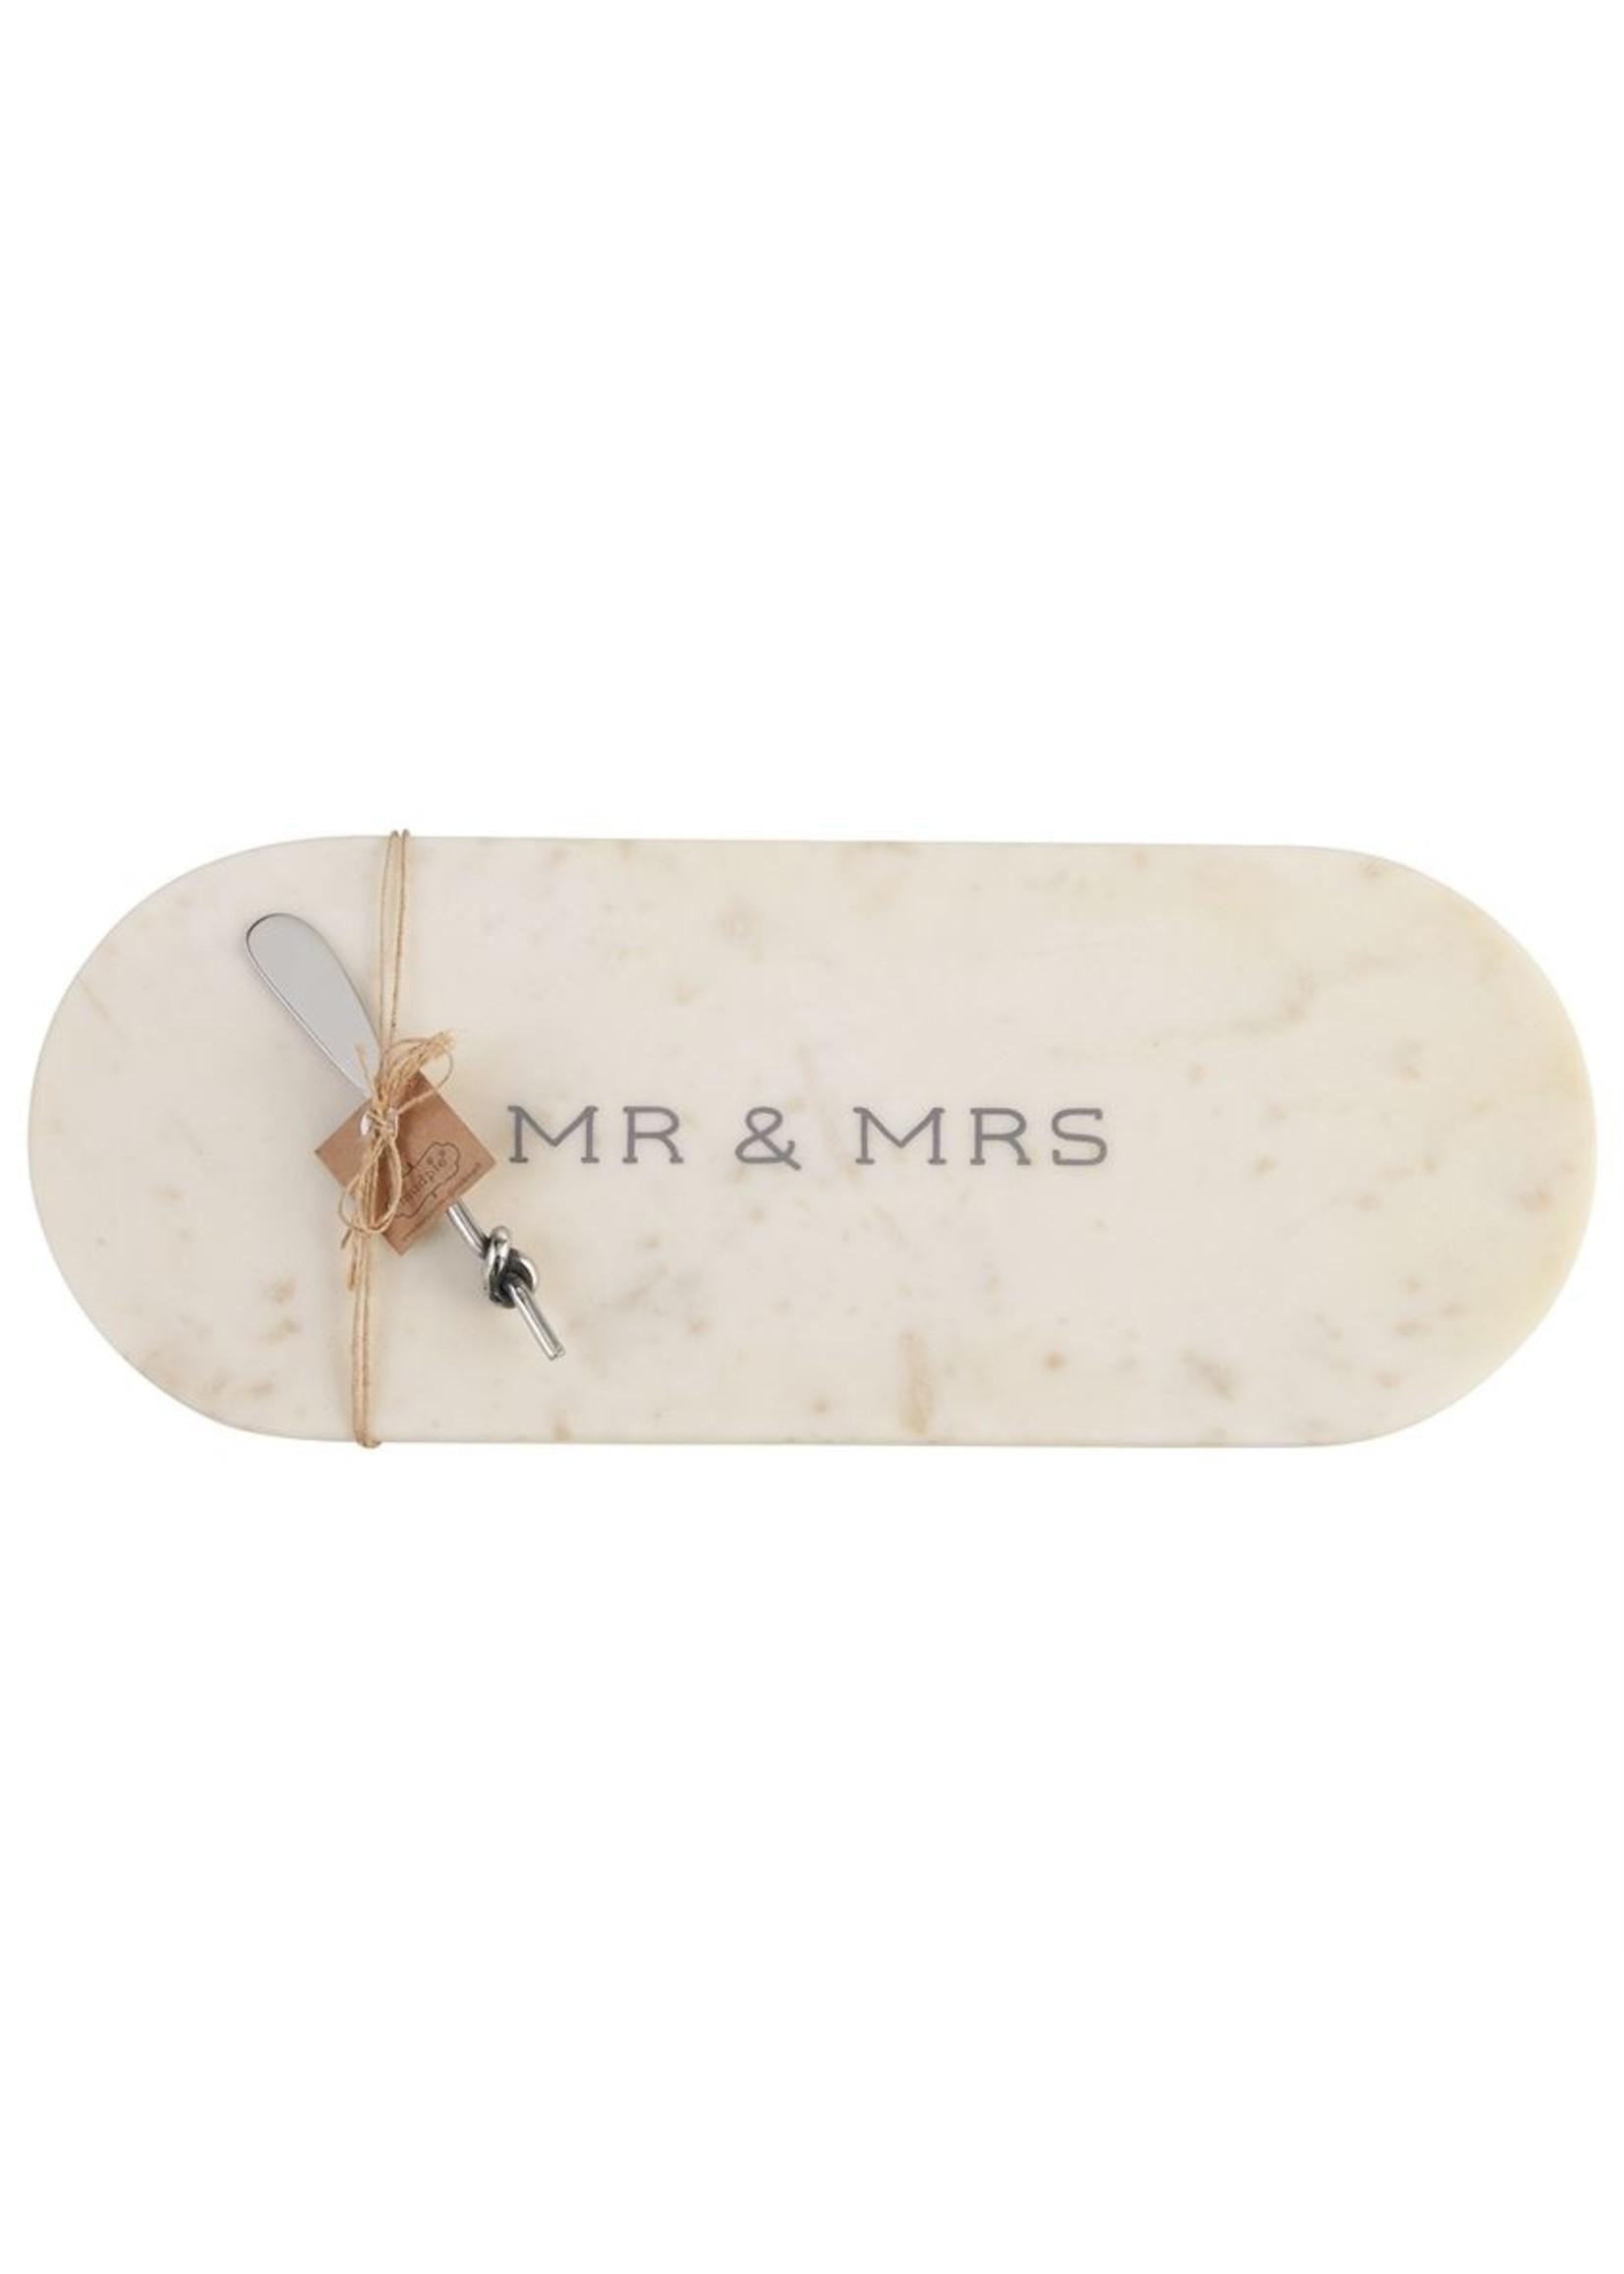 Mudpie Mr. & Mrs. Oval Marble Board